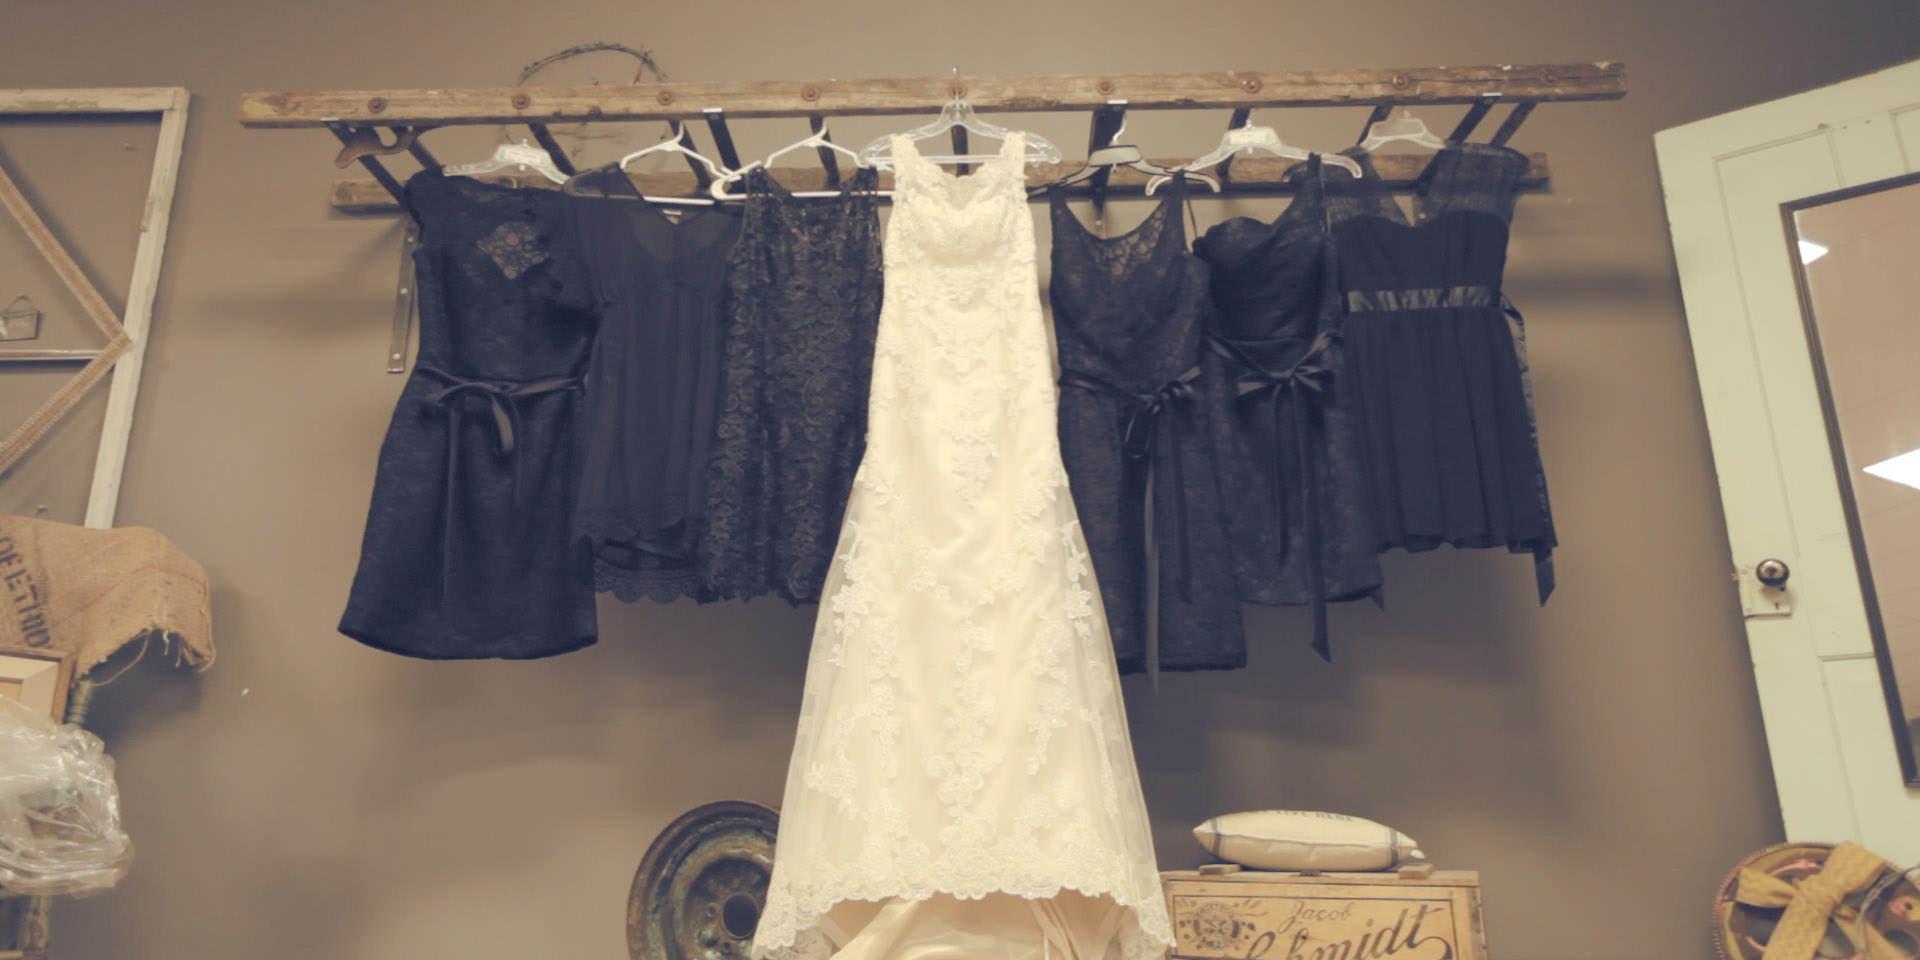 travis&katie wedding story.00_00_23_03.Still003.jpg